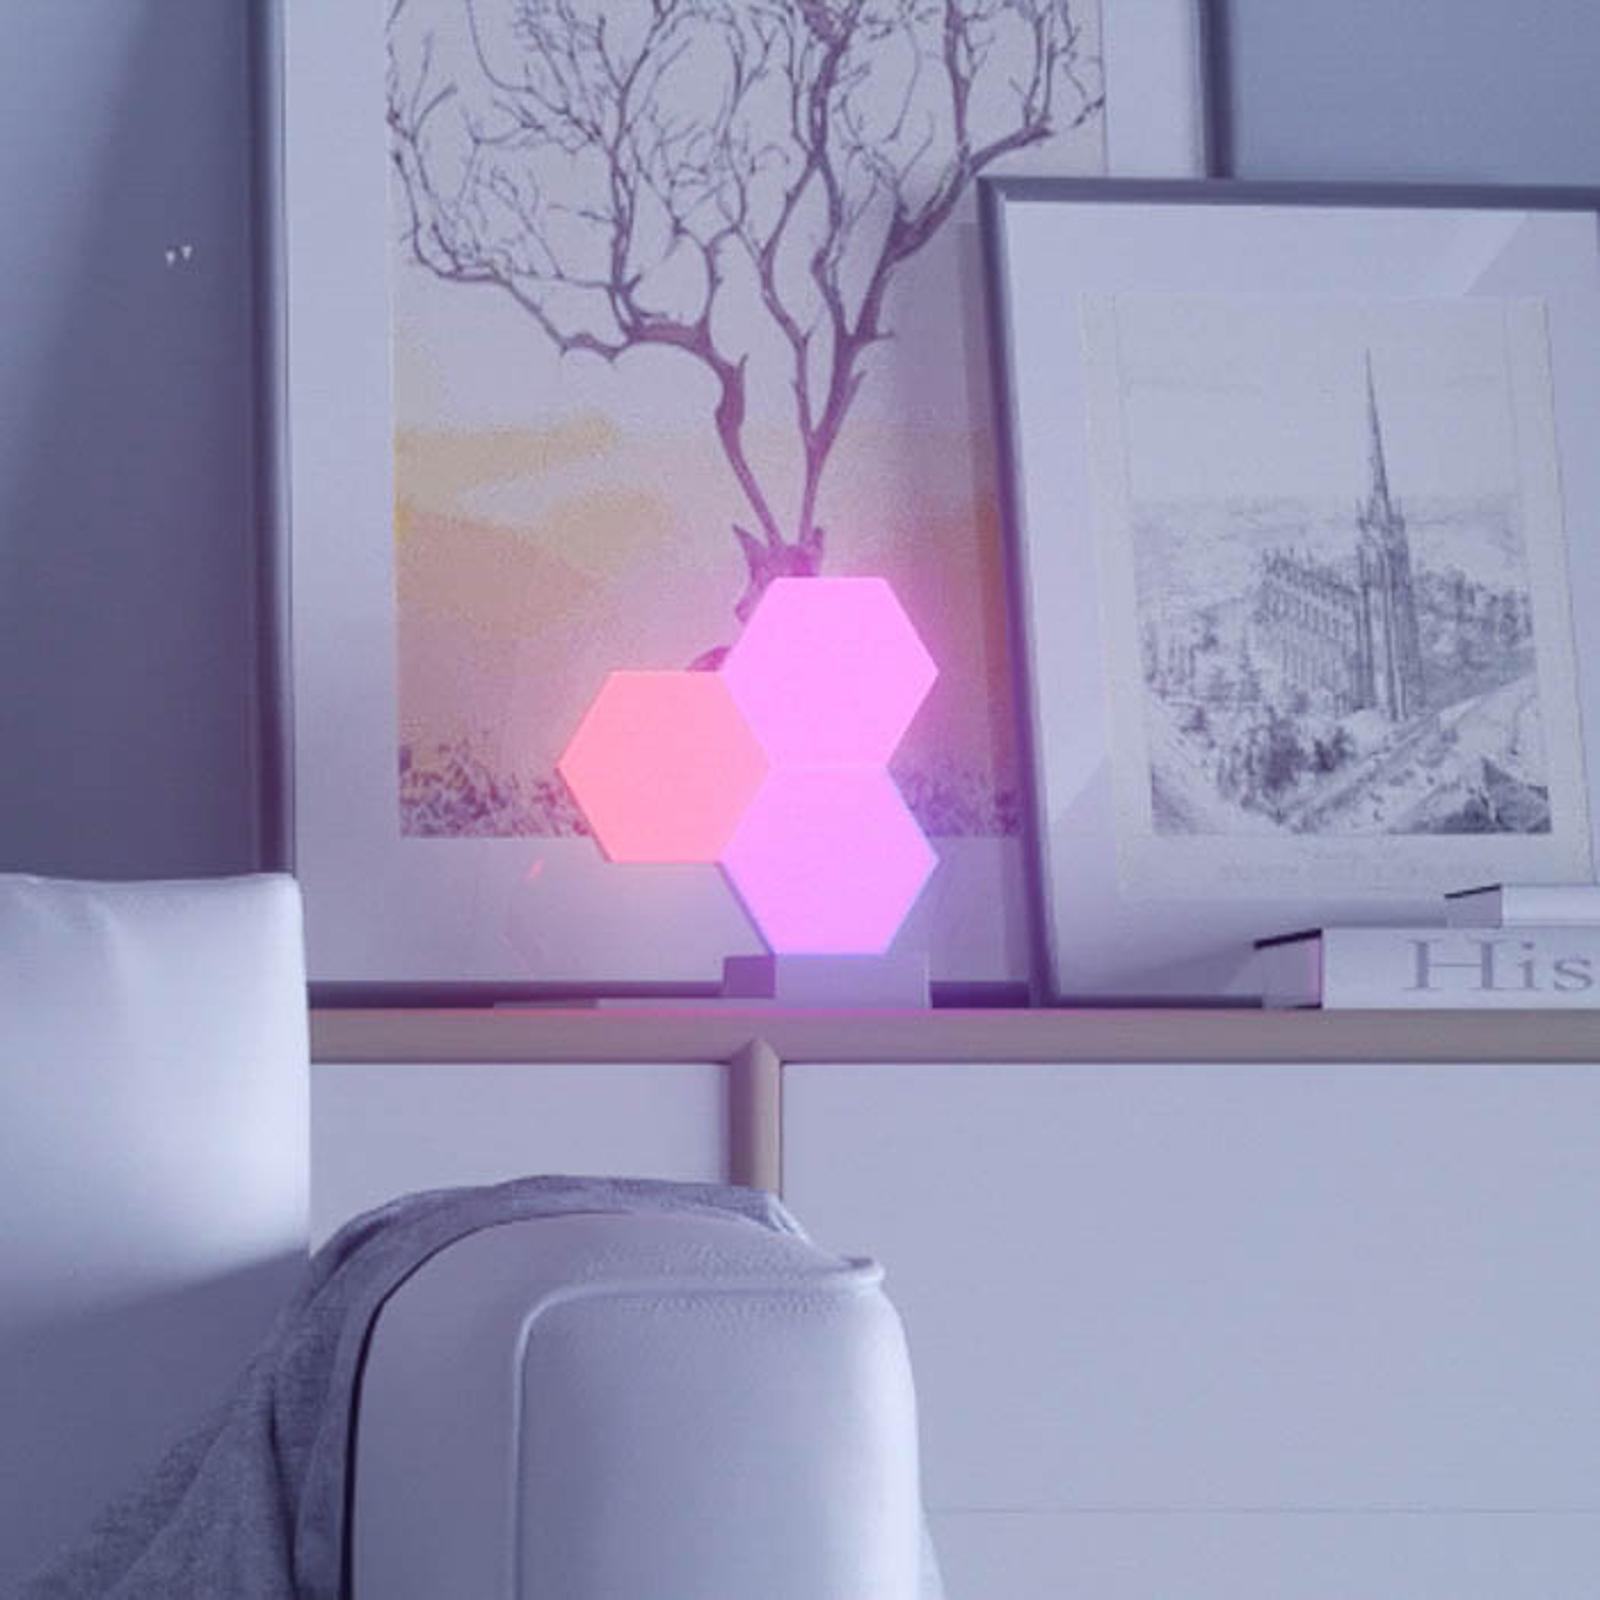 Cololight dekorationslampe til udvidelse, 1 styk